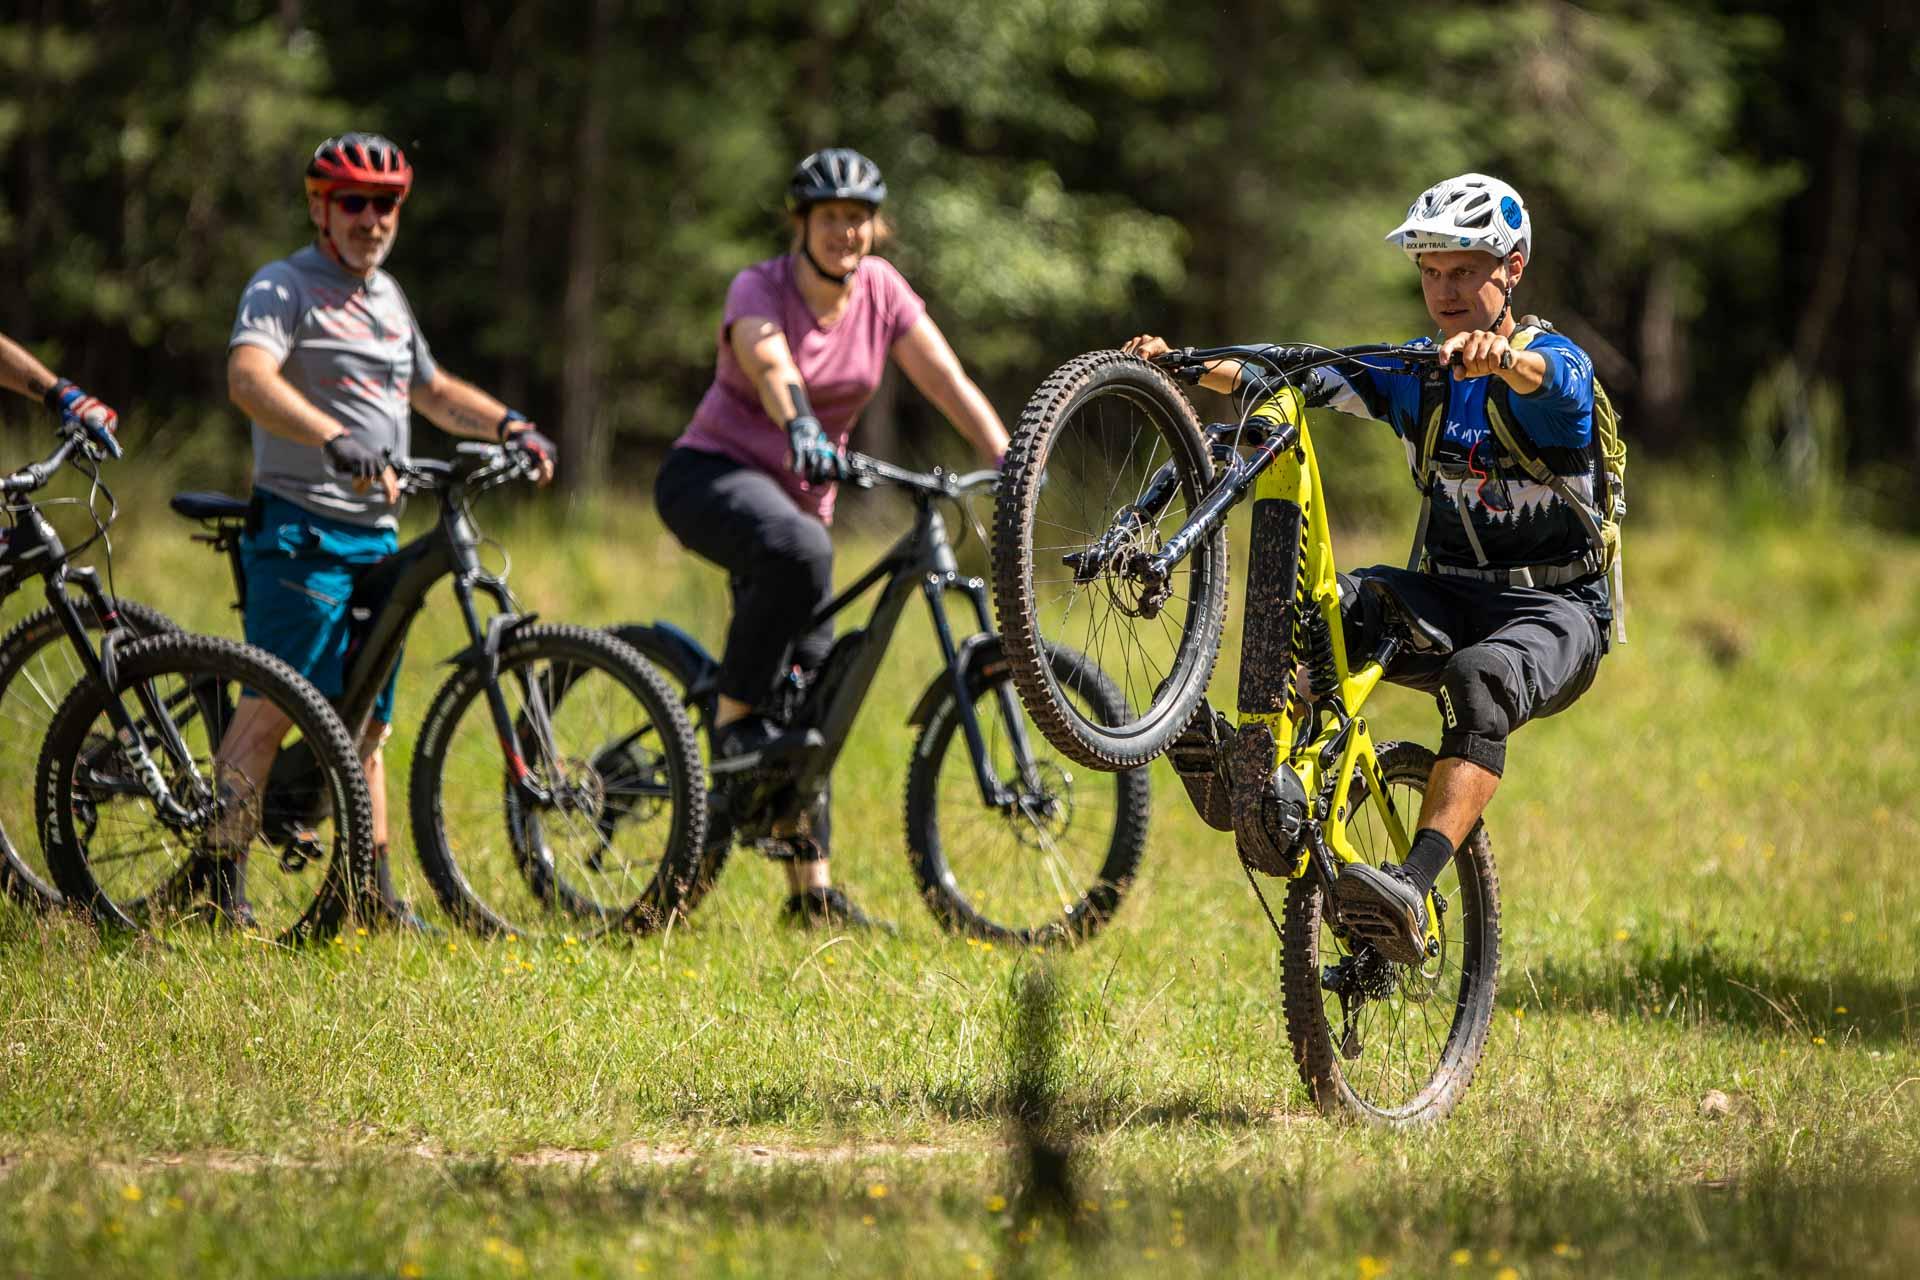 eMTB Fortgeschritten Fahrtechnik Kurs in Bad Orb Spessart - Rock my Trail Bikeschule - 10